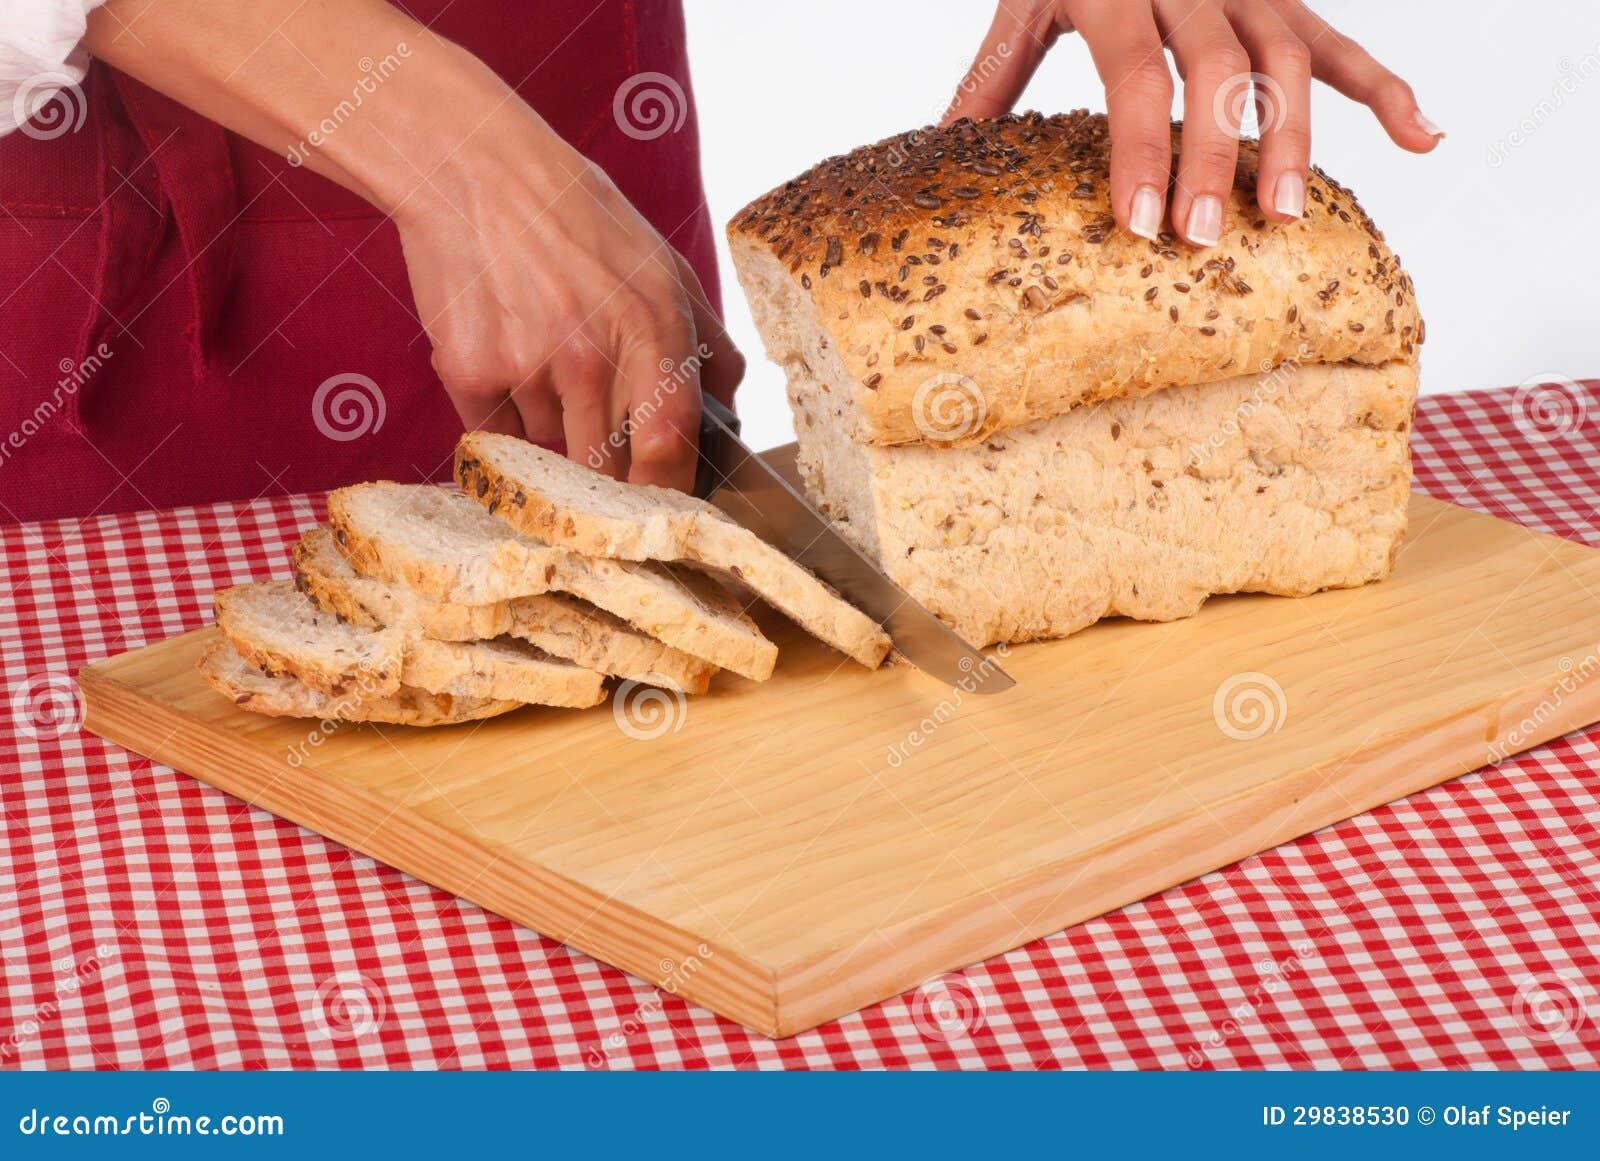 Pão inteiro do sanduíche